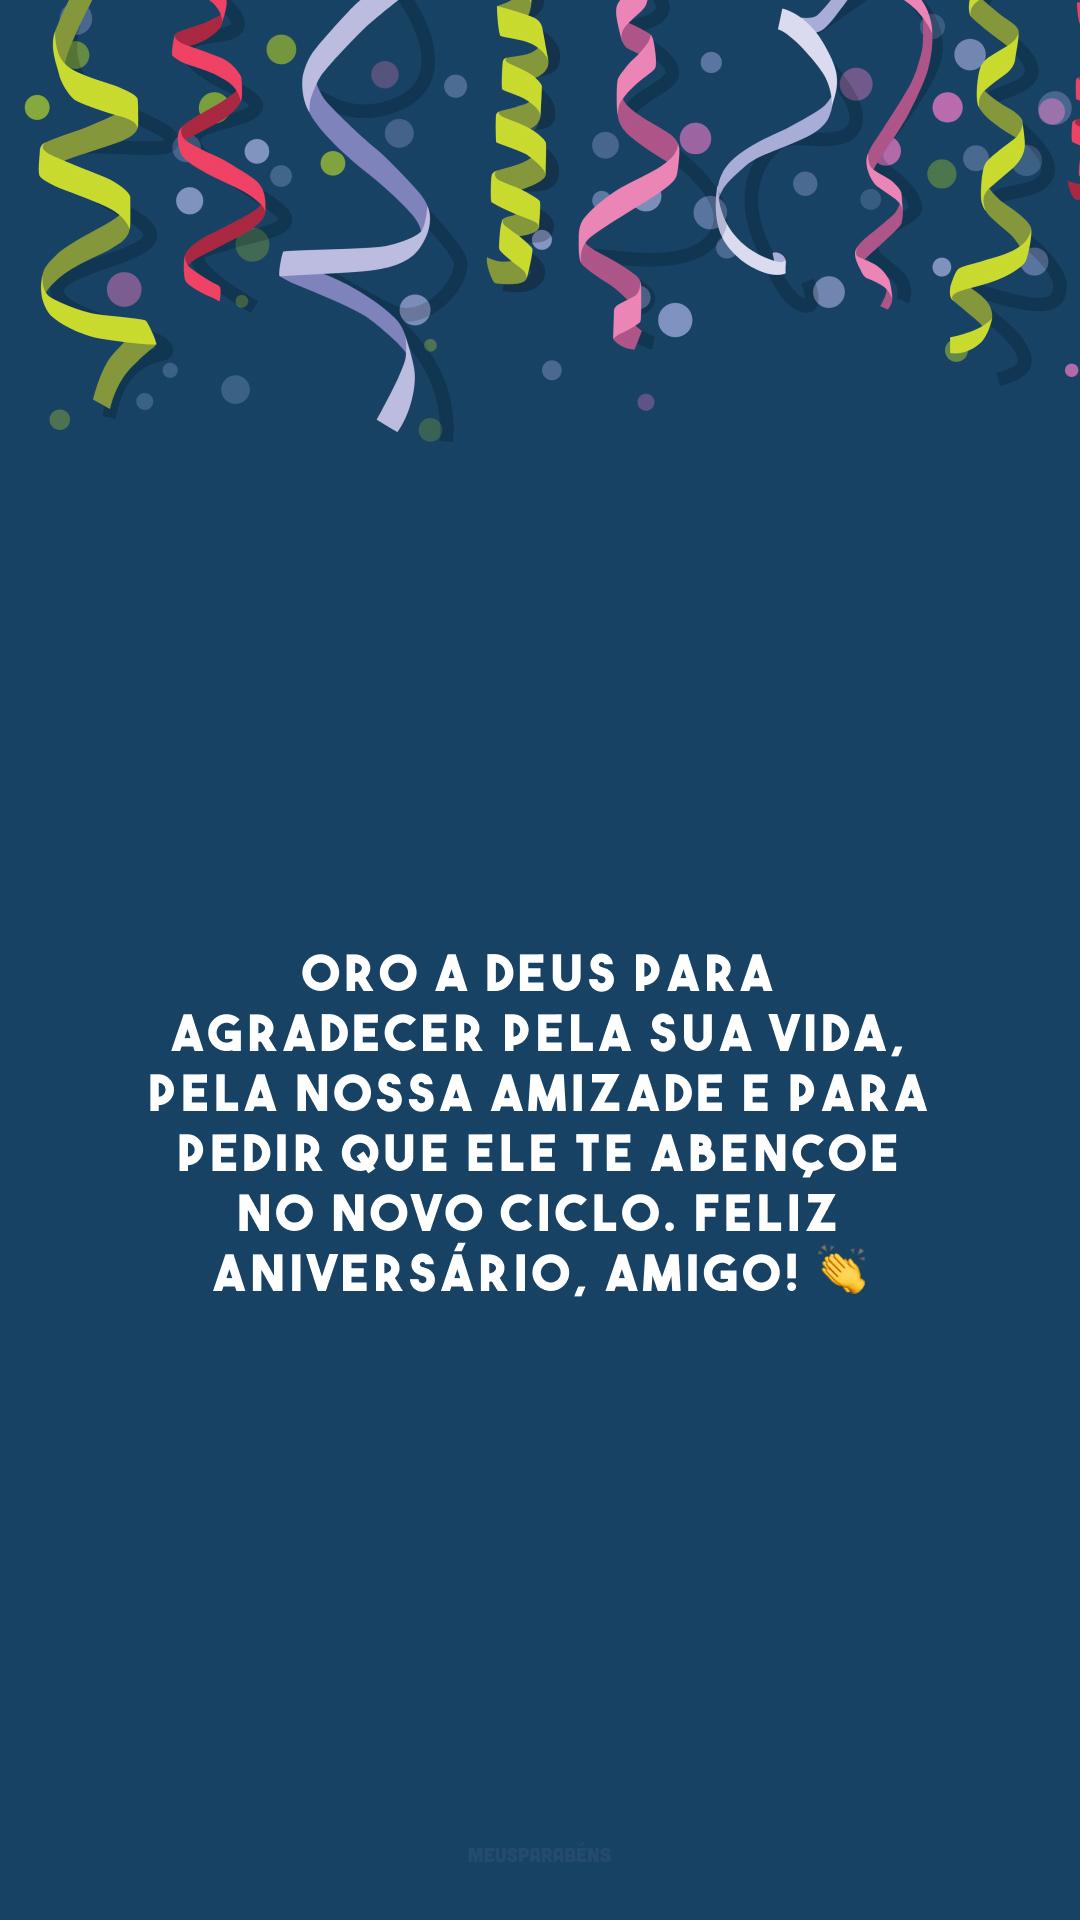 Oro a Deus para agradecer pela sua vida, pela nossa amizade e para pedir que Ele te abençoe no novo ciclo. Feliz aniversário, amigo! 👏